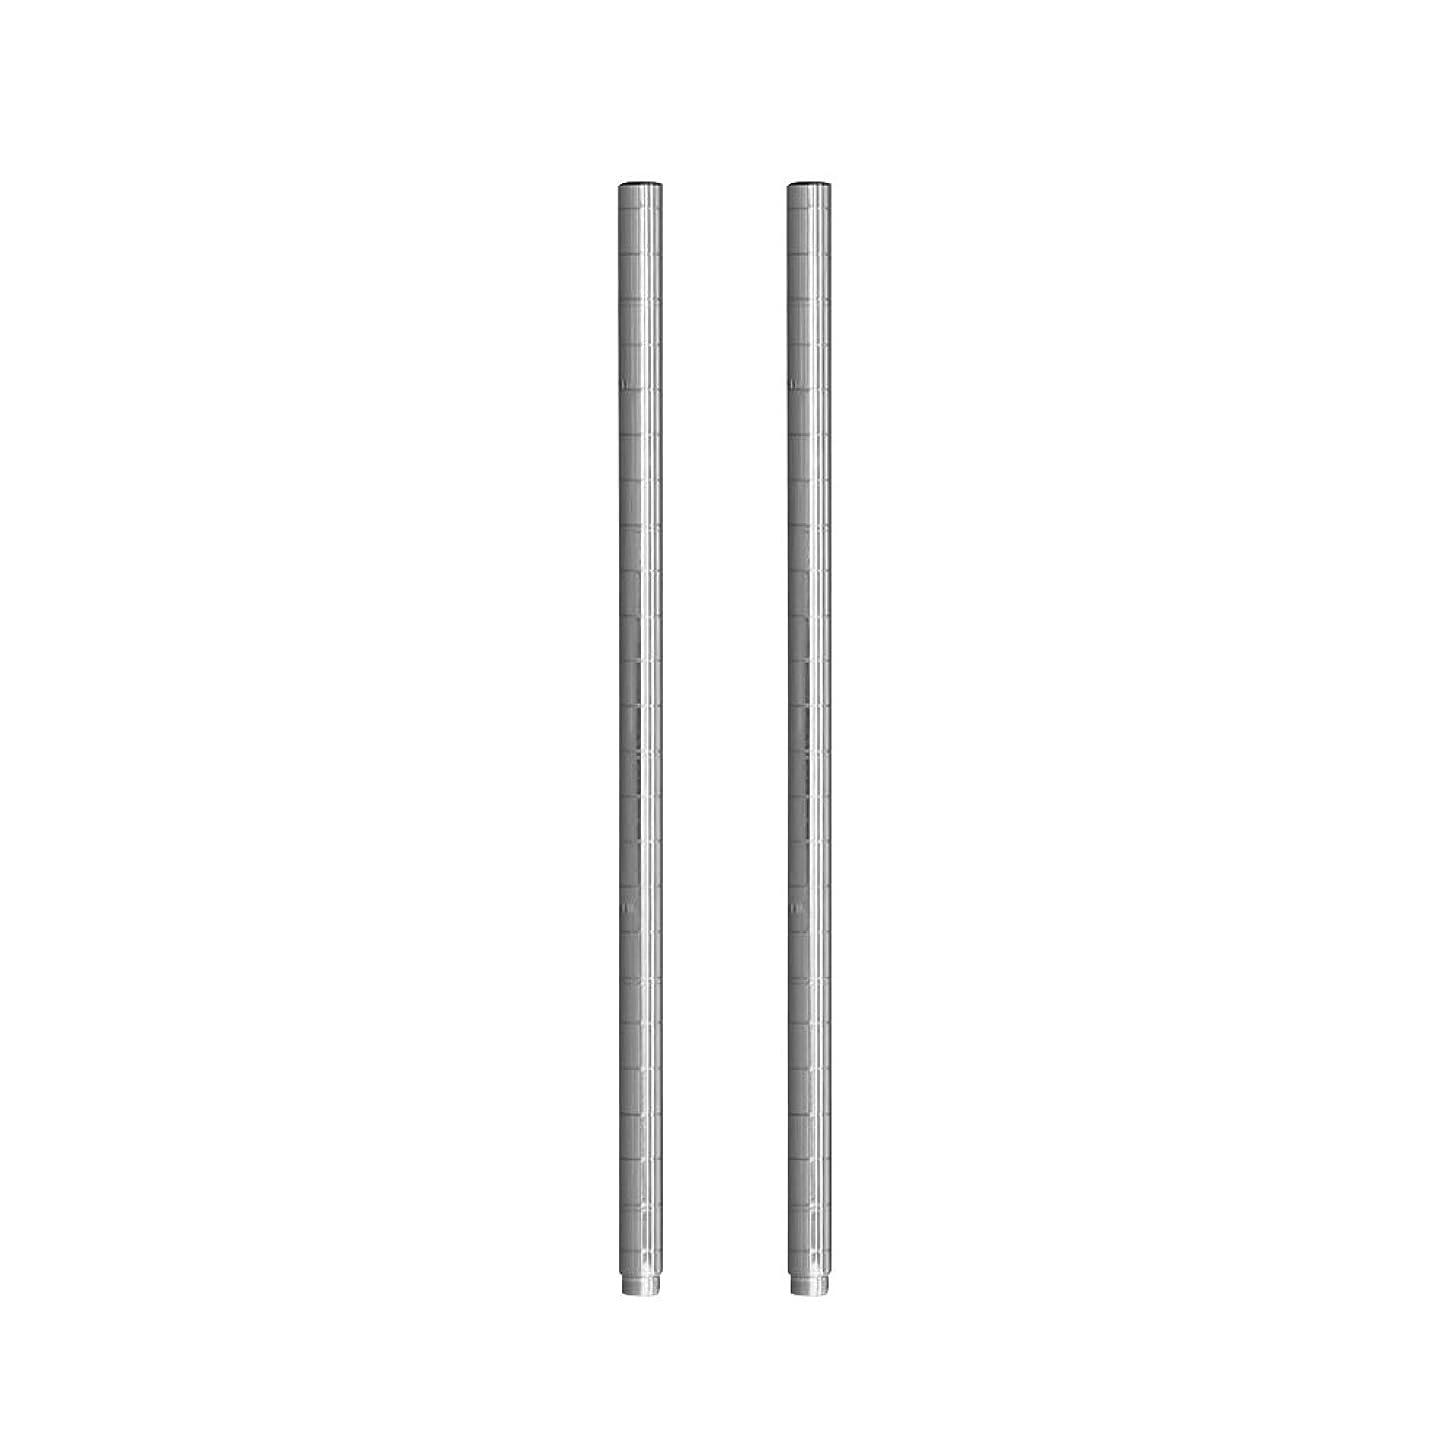 相対的綺麗な切るルミナス ポール径25mm用パーツ ポール(支柱) 延長用ポール 61.5cm(2本セット) 高さ61.5cm ADD-P2560